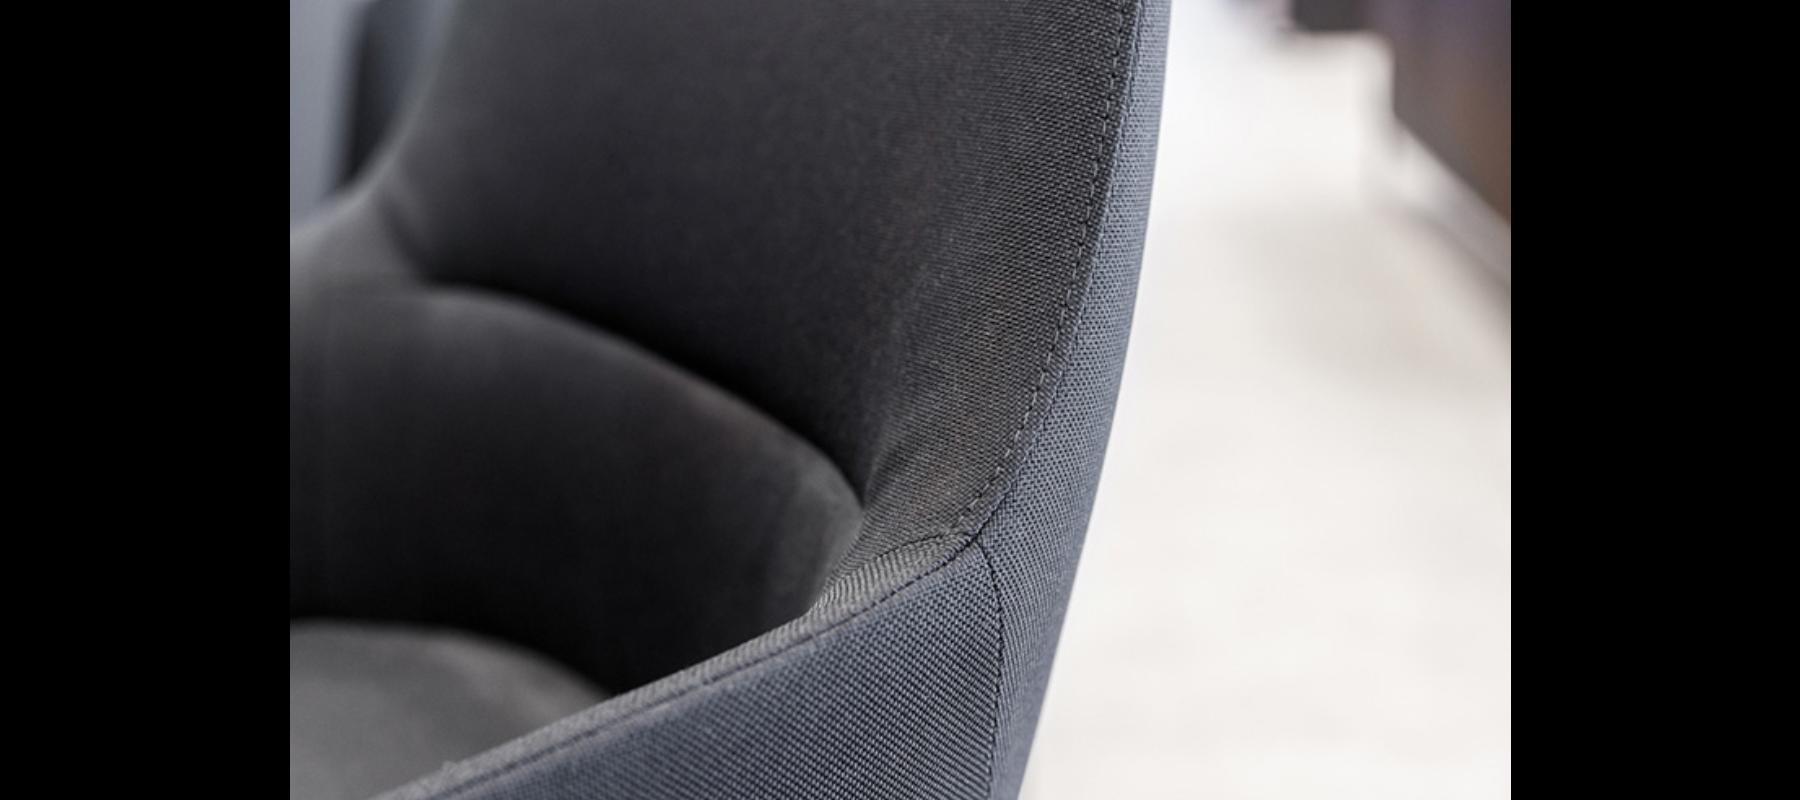 krzesła stacjonarne chic detale - 05